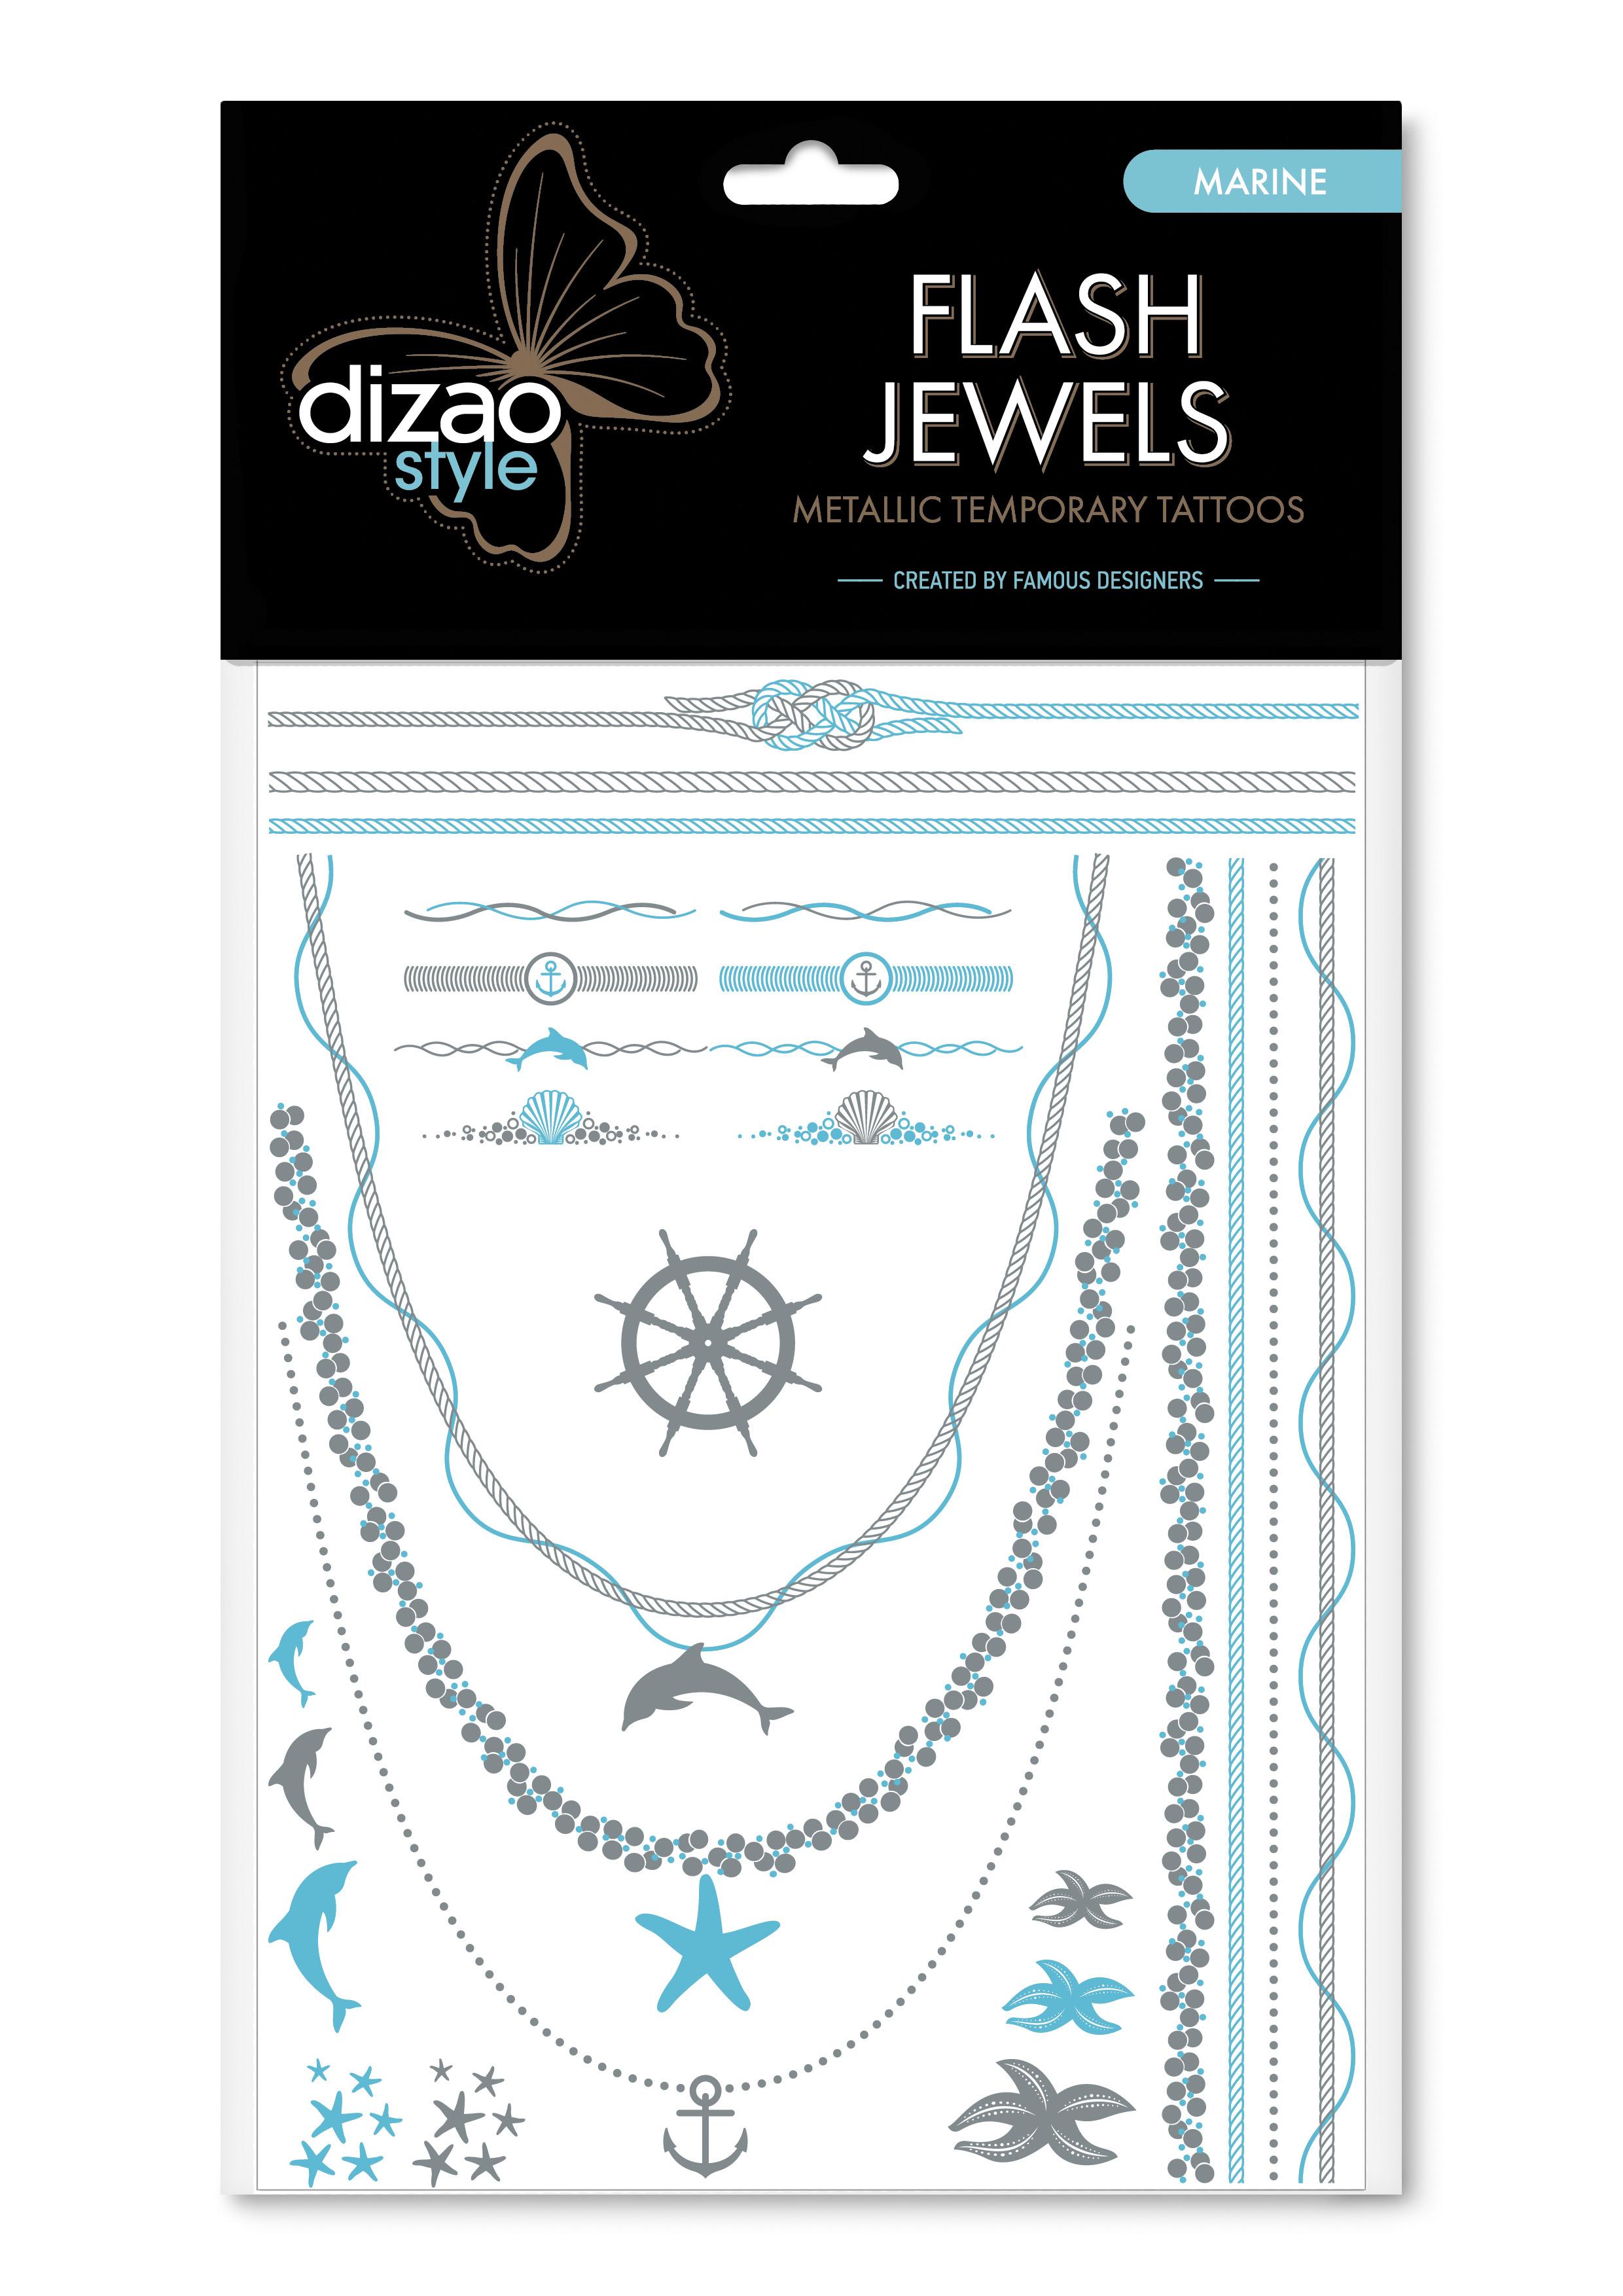 Dizao Временные металлические тату Flash Jewels: Морская серия1411МОригинальные временные татуировки Dizao Flash Jewels: Морская серия позволят вам добавить изысканный штрих к вашему образу. В набор входит множество разнообразных дизайнов, которые вы сможете сочетать по своему вкусу.Откройте для себя мир идеальных линий и оригинальных дизайнов, которые заблистают на вашей коже благородным блеском золота и серебра. Позвольте украшениям стать органичной частью вашего тела. Следуйте самым последним тенденциям и всегда оставайтесь на пике моды. Подарите себе роскошь и непревзойденный стиль с тату Dizao.Премиальные золотые временные тату Flash Jewels: - имеют уникальные дизайны -держатся на коже продолжительное время, не теряя привлекательности-легко наносятся и удаляются-не вызывают покраснений и раздражений, не содержат токсичных компонентов Применять временные тату невероятно легко: вырежьте понравившуюся аппликацию, наложите ее рисунком вниз на сухую чистую кожу, прижмите к аппликации мокрую губку или ватный диск в течении 30 секунд, а затем удалите бумагу и позвольте аппликации высохнуть. Для того, чтобы удалить временную татуировку, нанесите на аппликацию косметическое или оливковое масло и осторожно сотрите ватным диском.